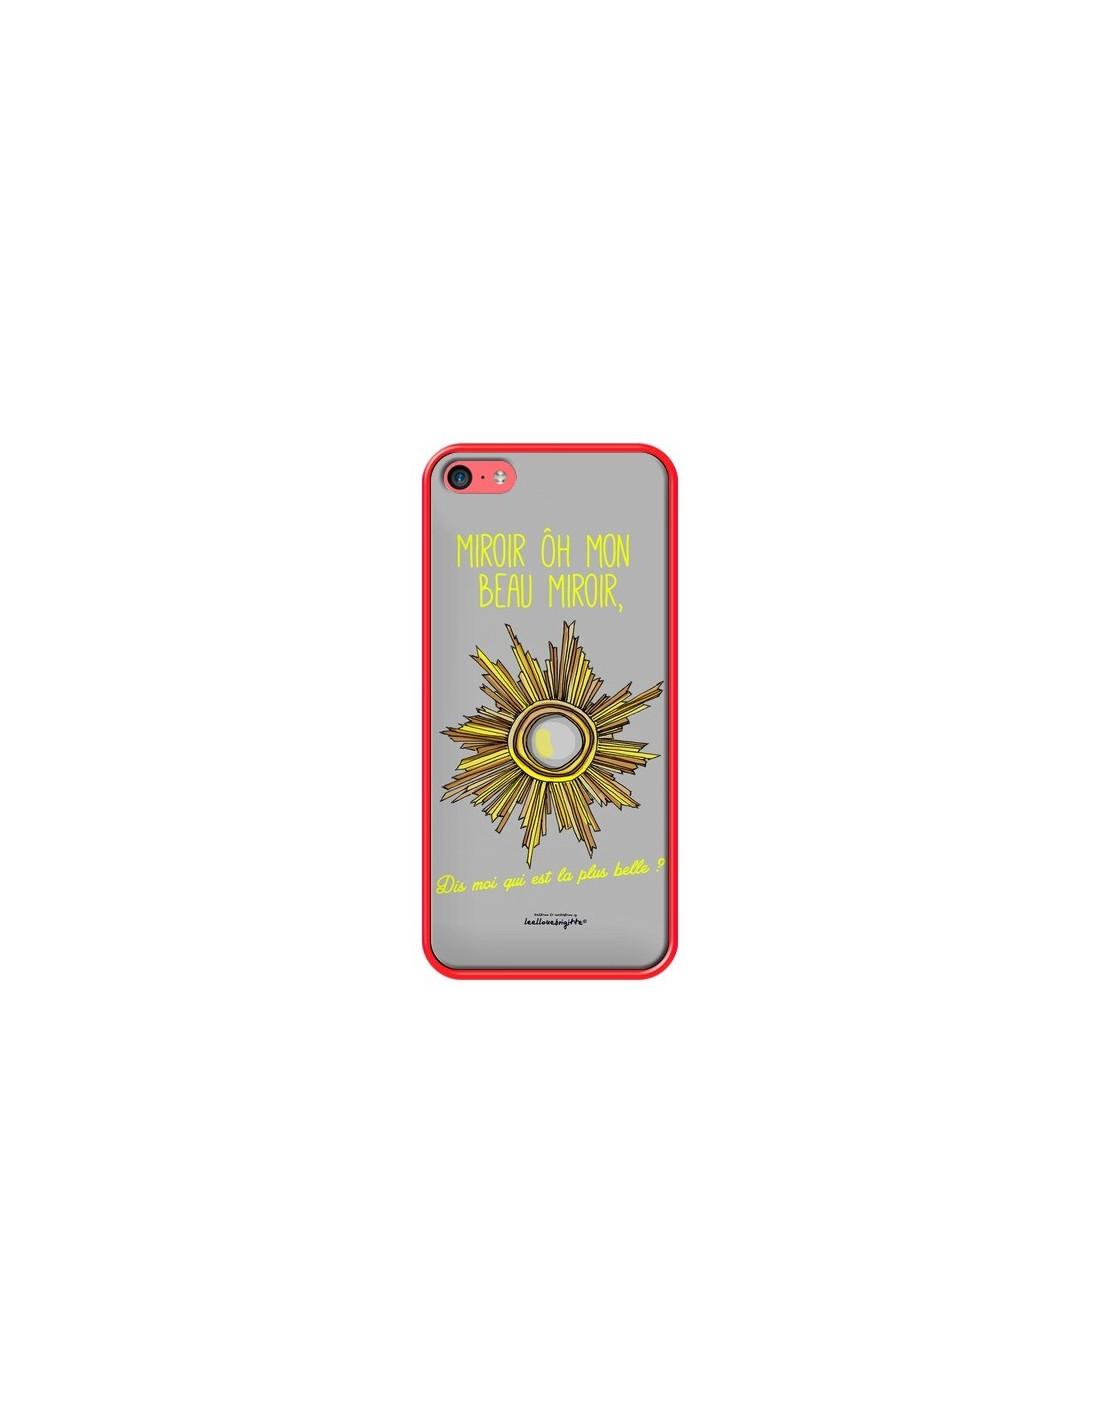 Coque miroir qui est la plus belle pour iphone 5c for Miroir qui est la plus belle